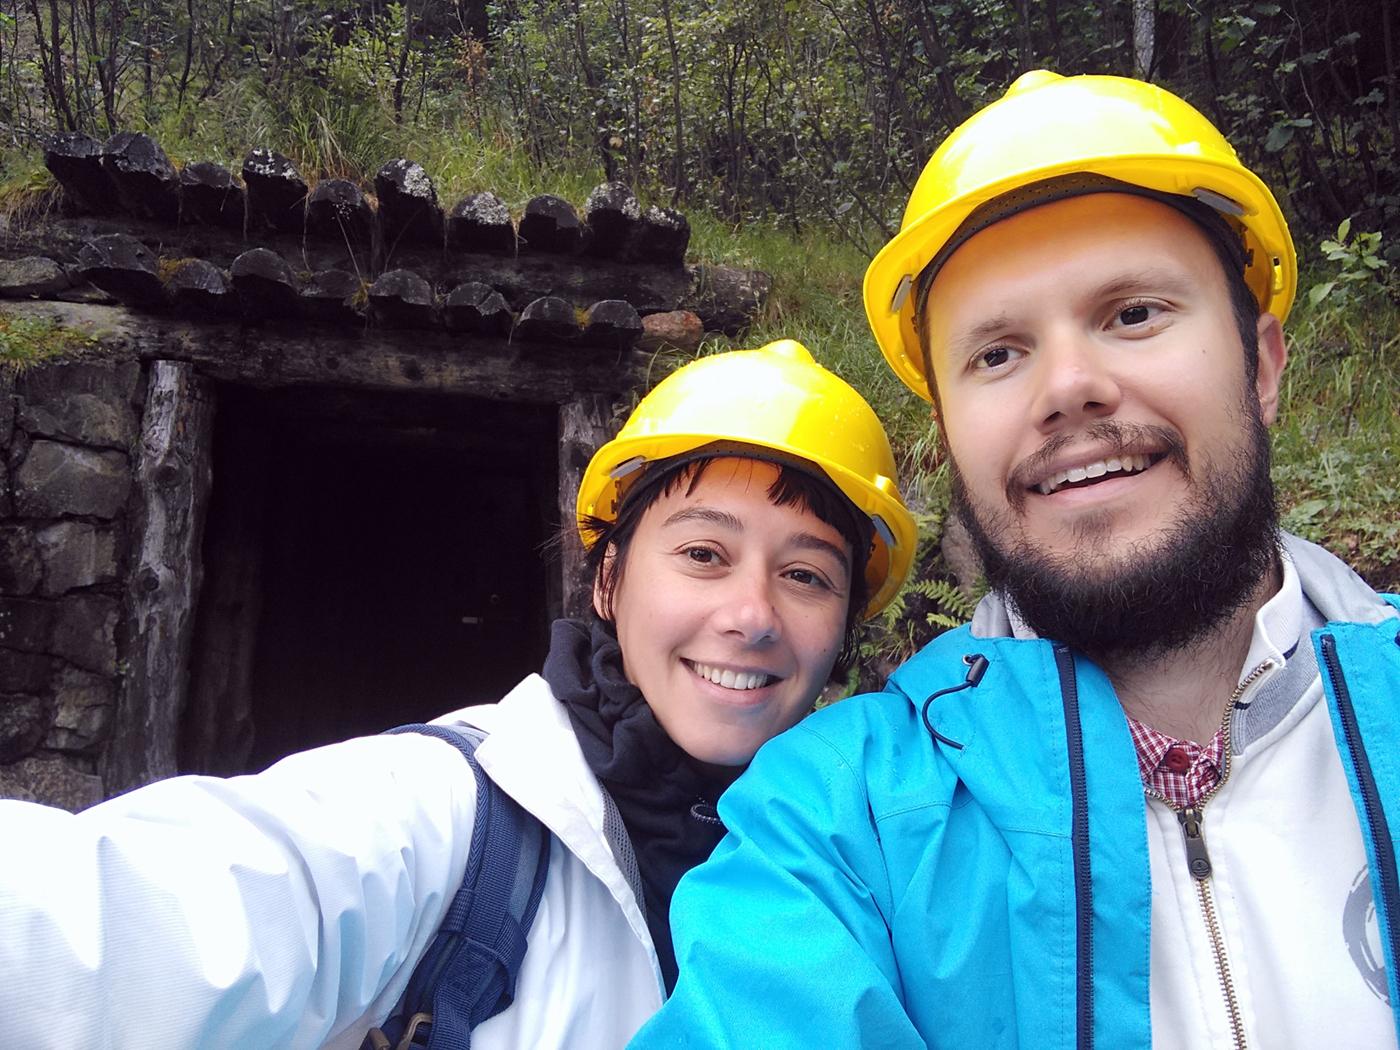 Paola Gemelli e Daniel Degli Esposti - Public History